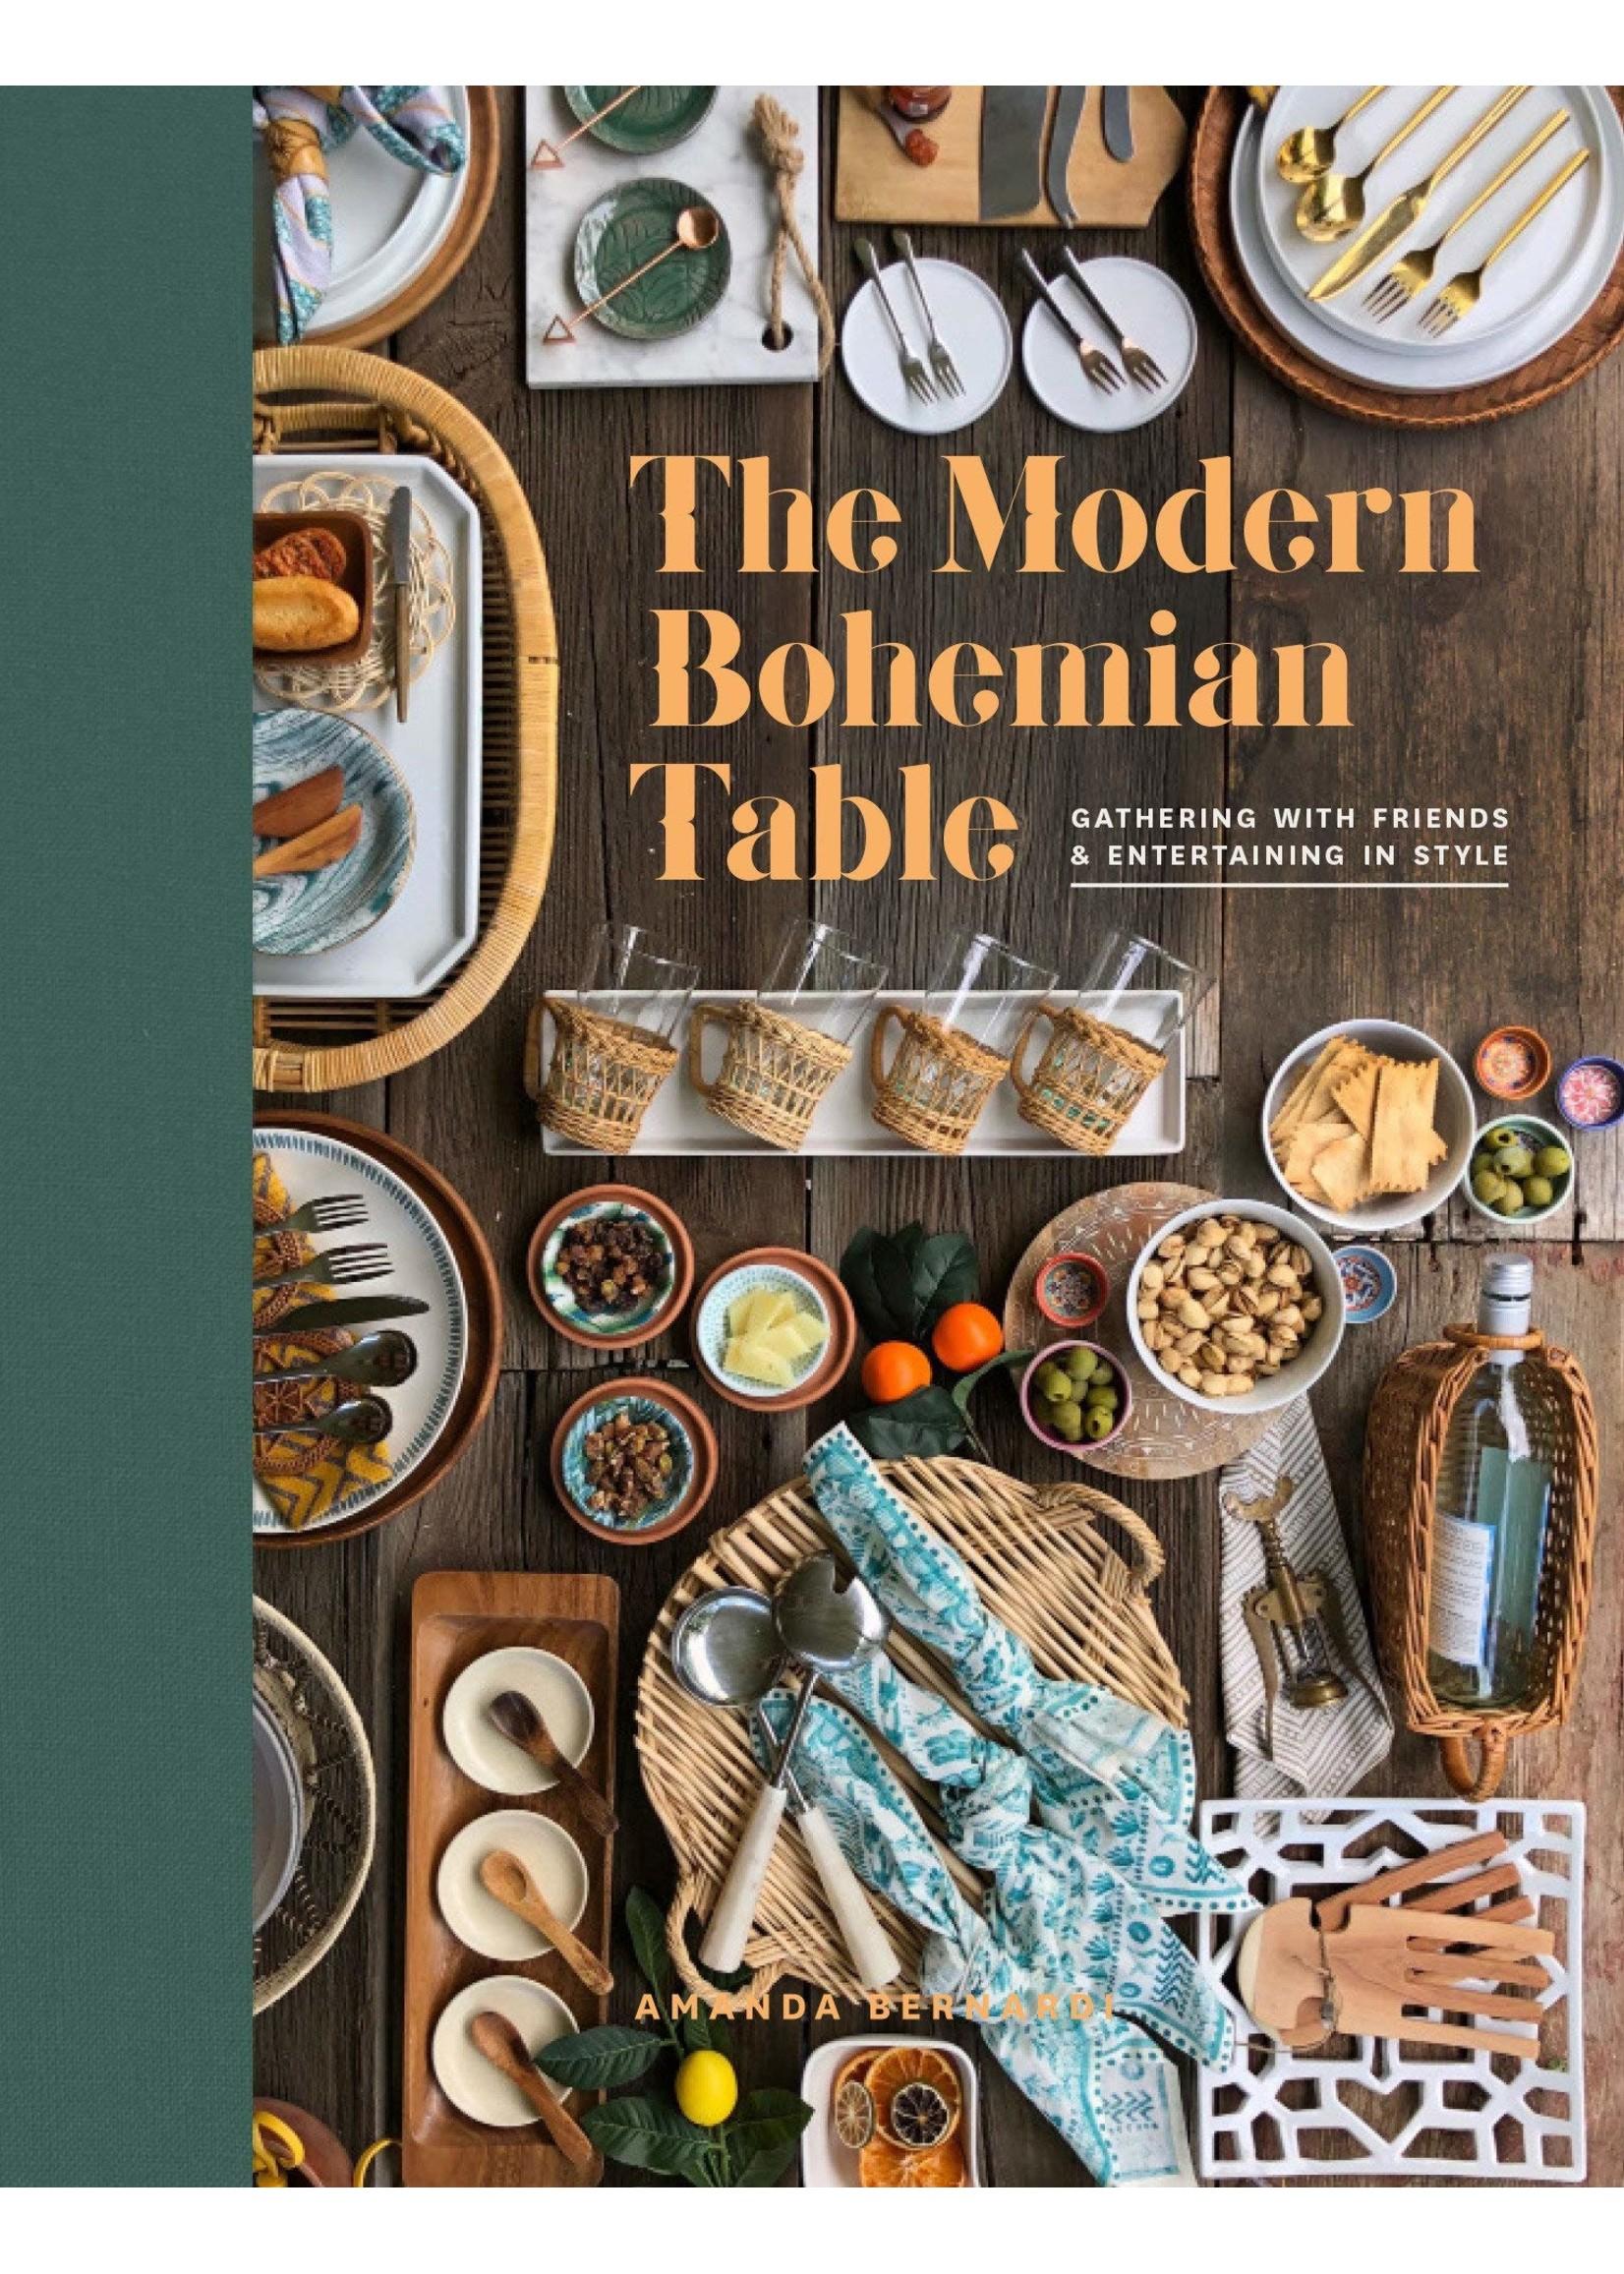 Penguin The Modern Bohemian Table Hardcover